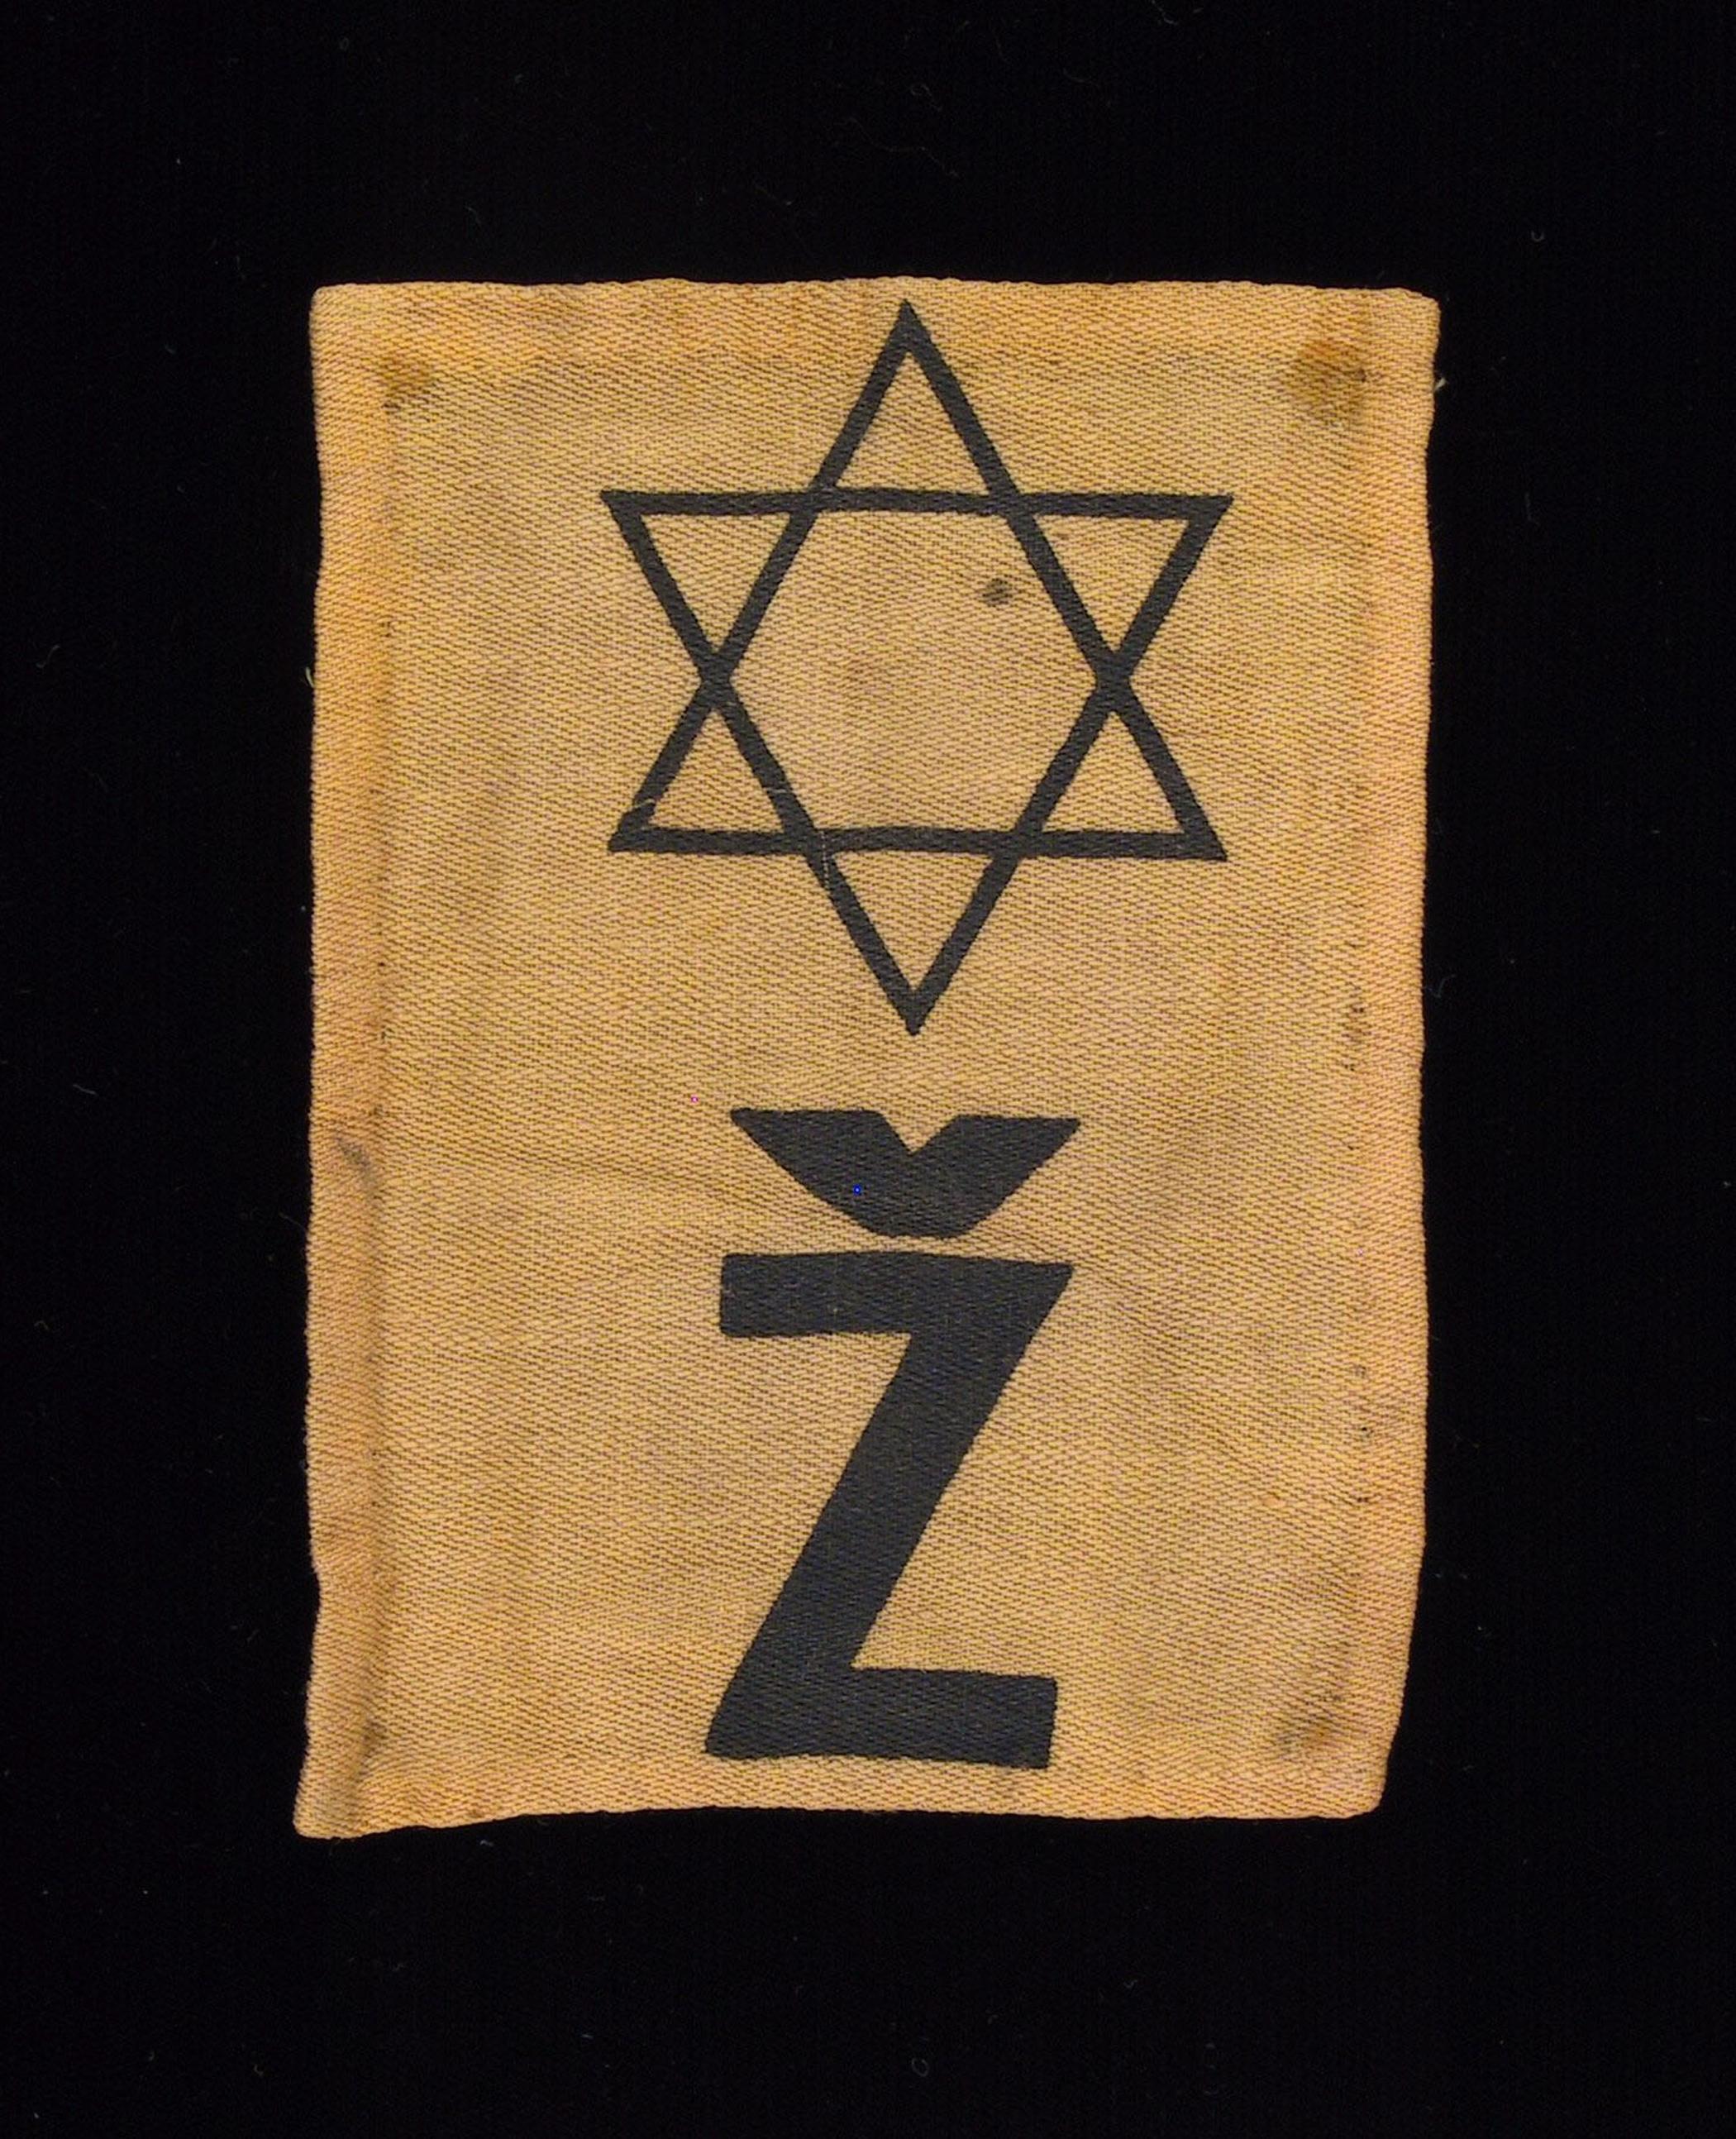 """In Czech, """"Z"""" denotes Jewish."""